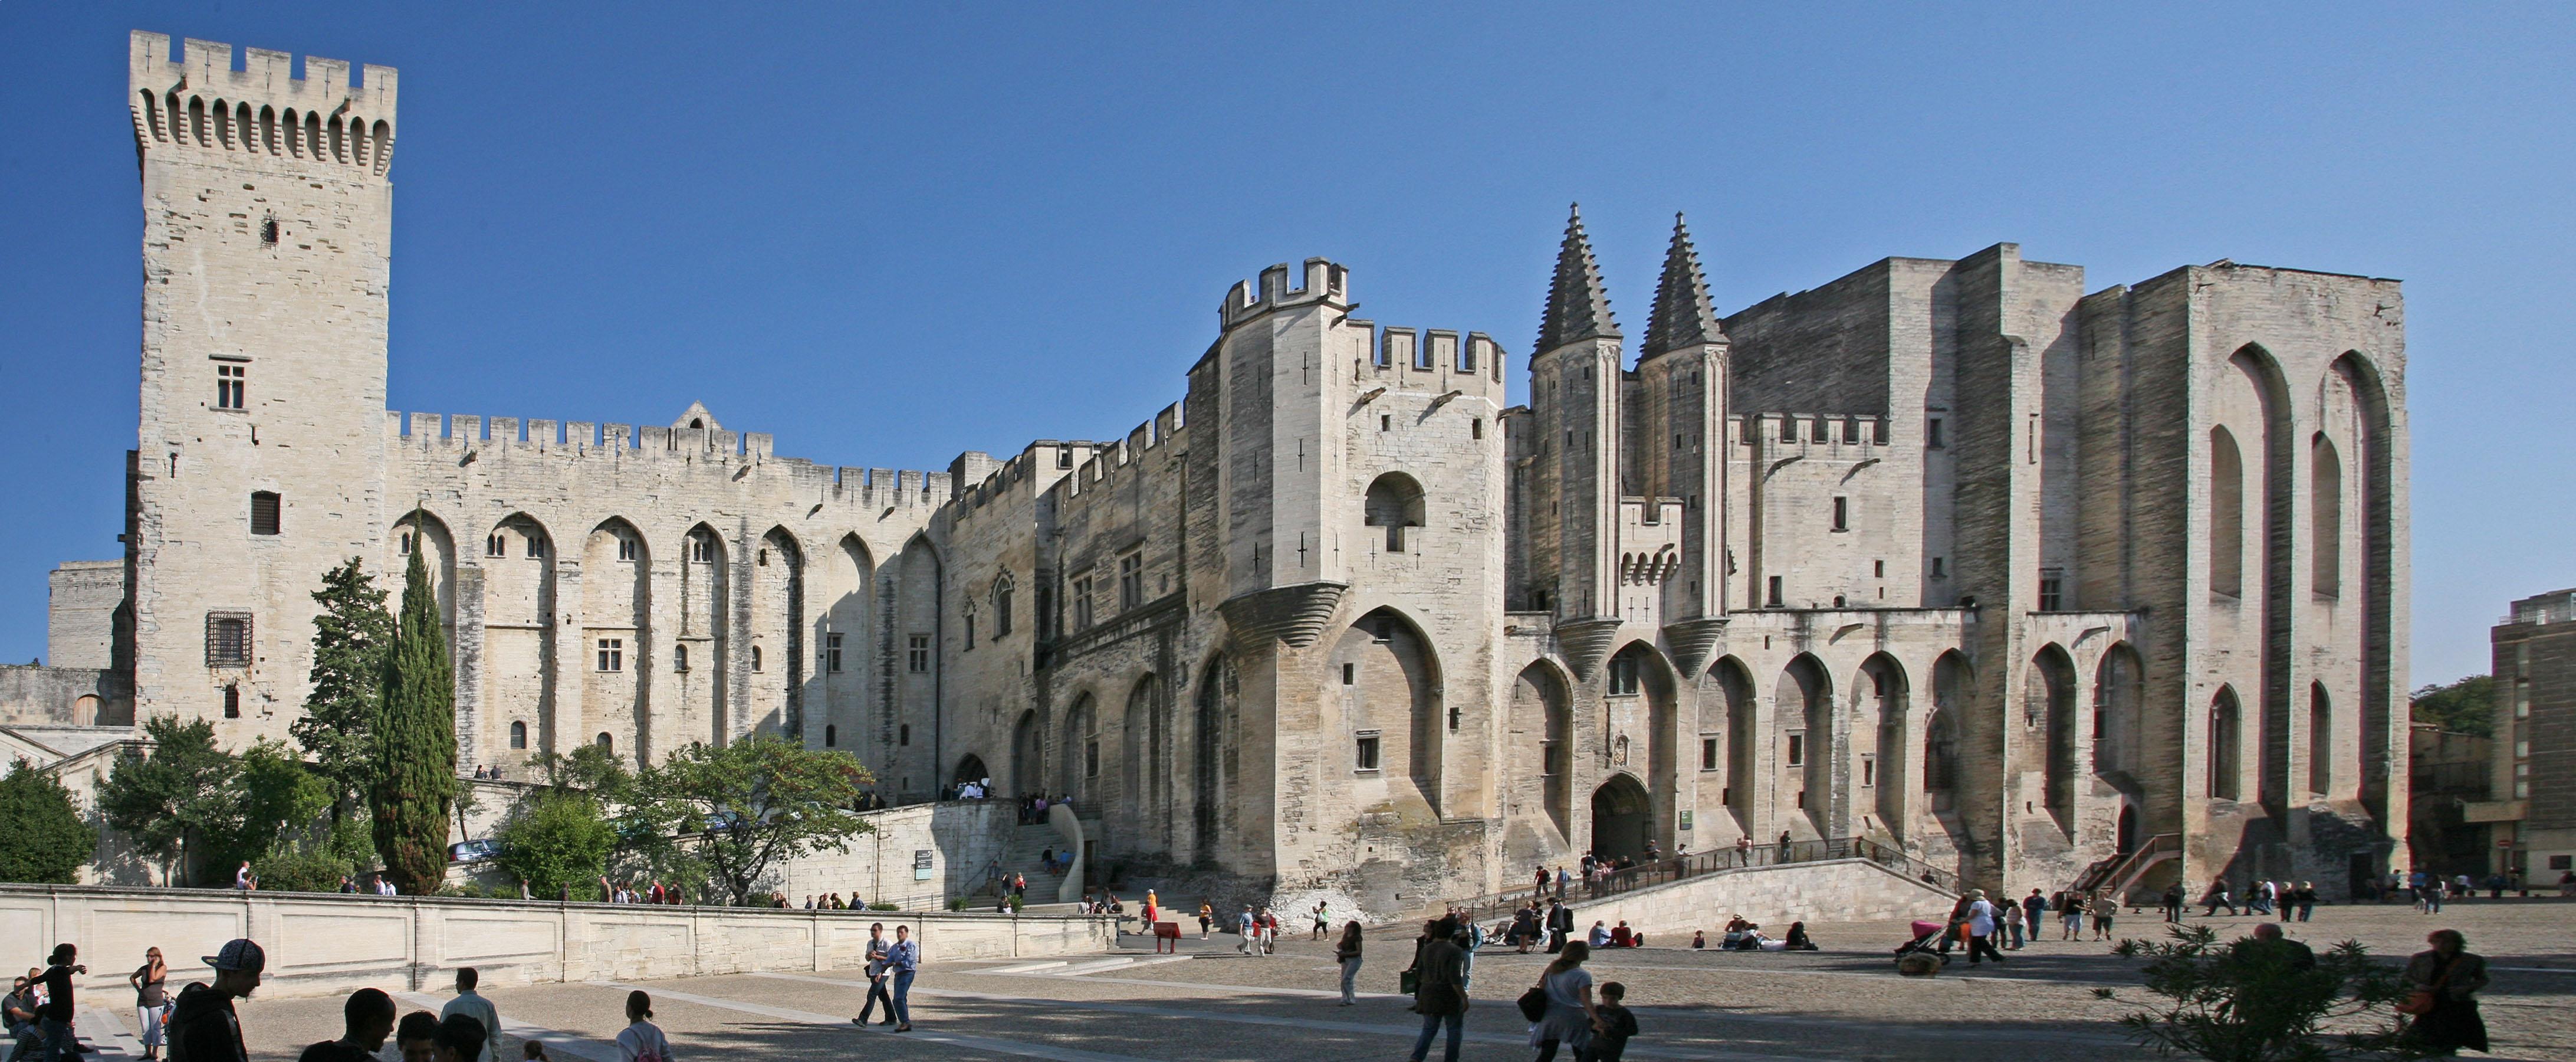 Il clima ad Avignone ad Aprile